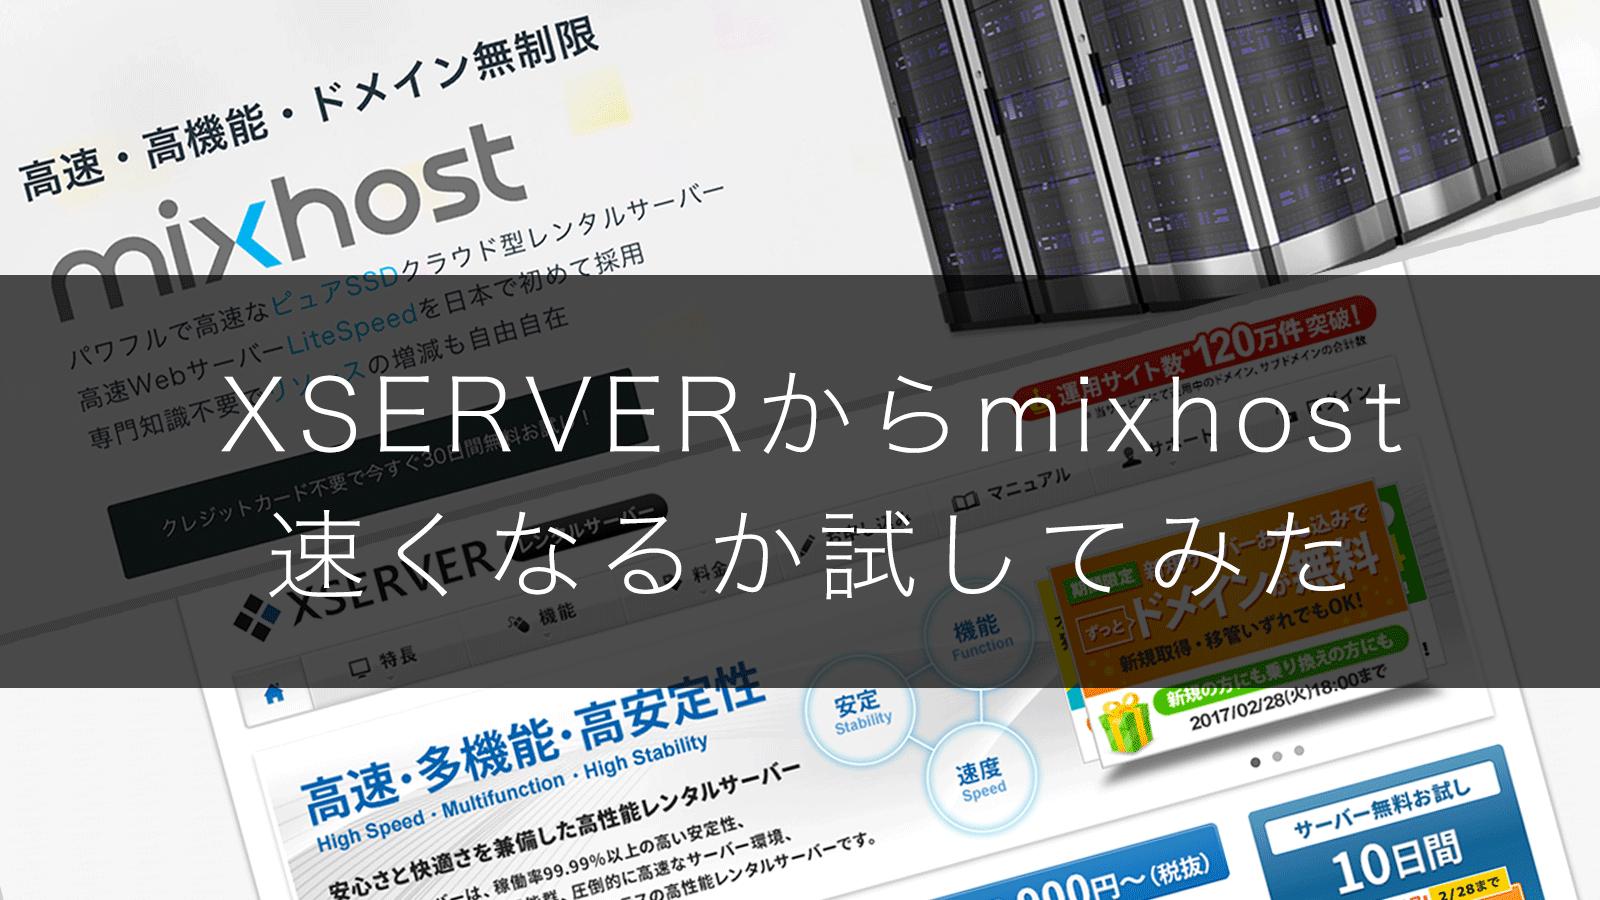 最近話題のmixhostに移行したらどれだけ速くなるか試してみたのでその手順まとめ